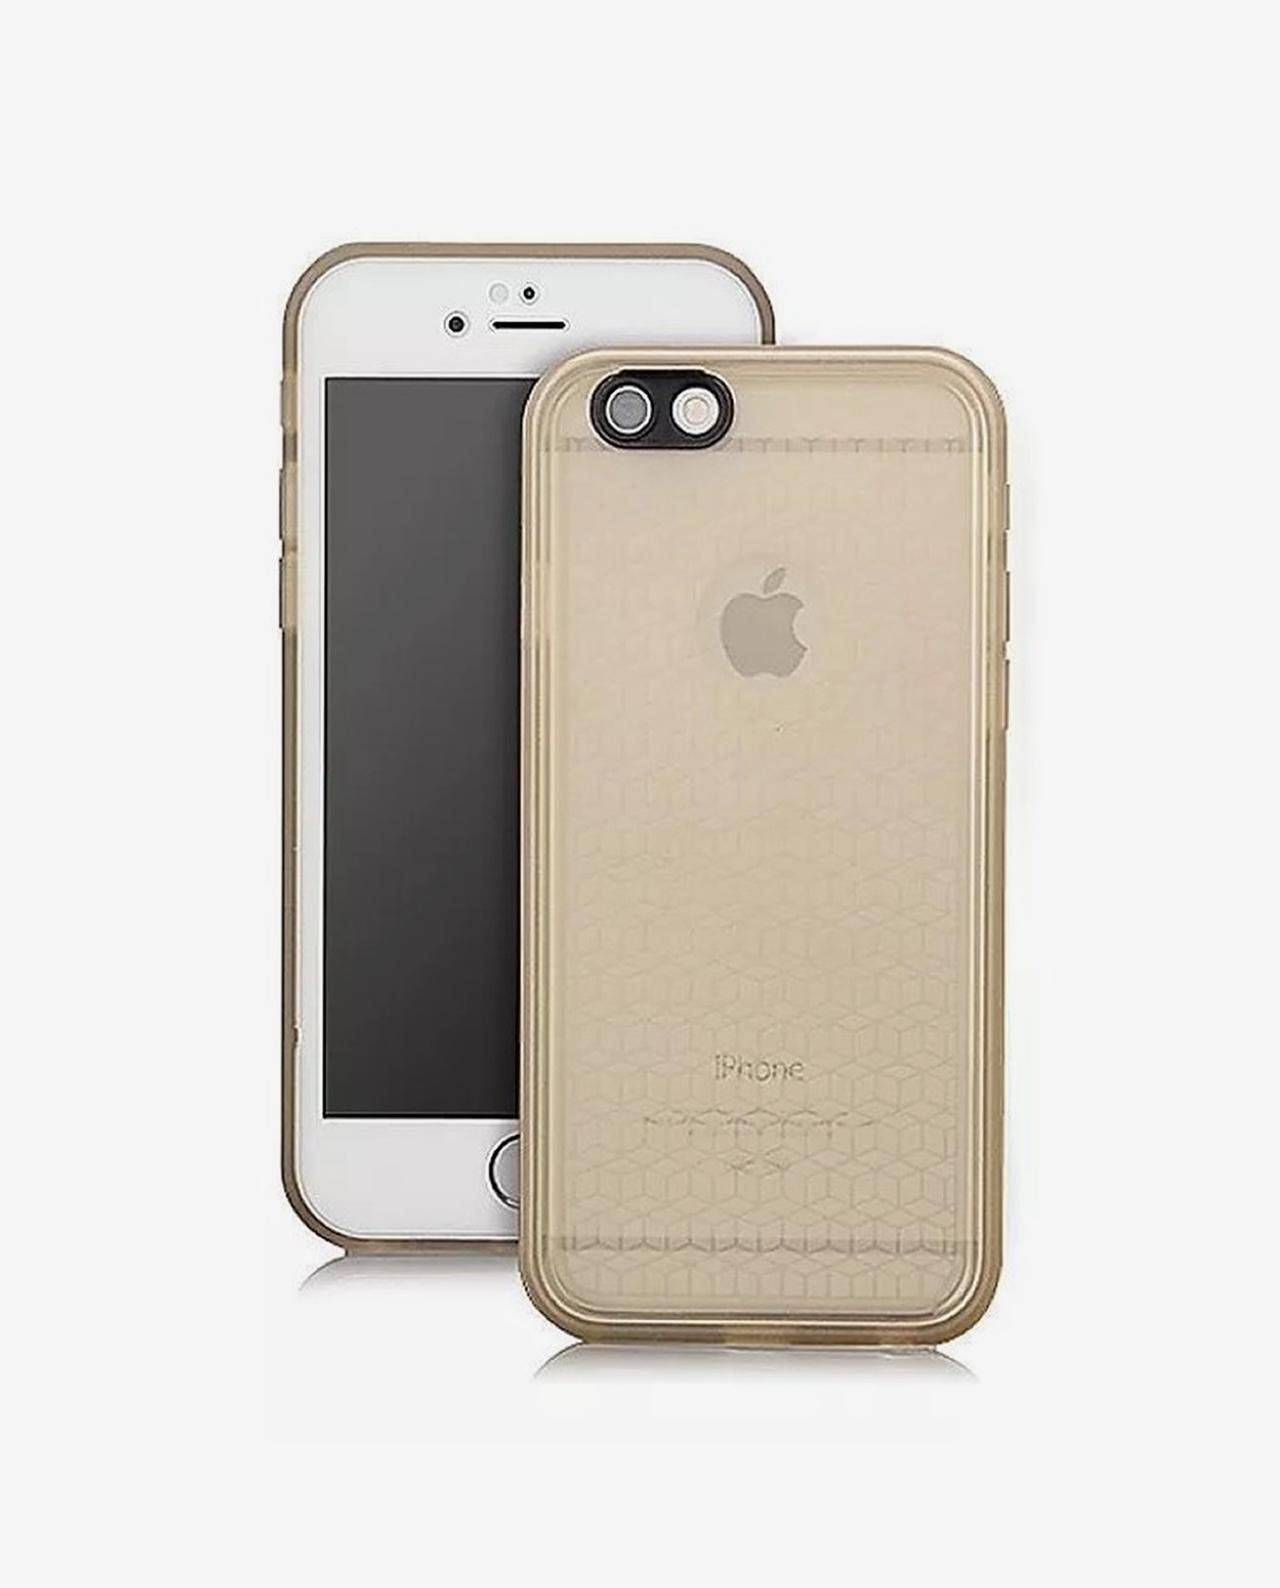 Waterproof Iphone S Case Uk